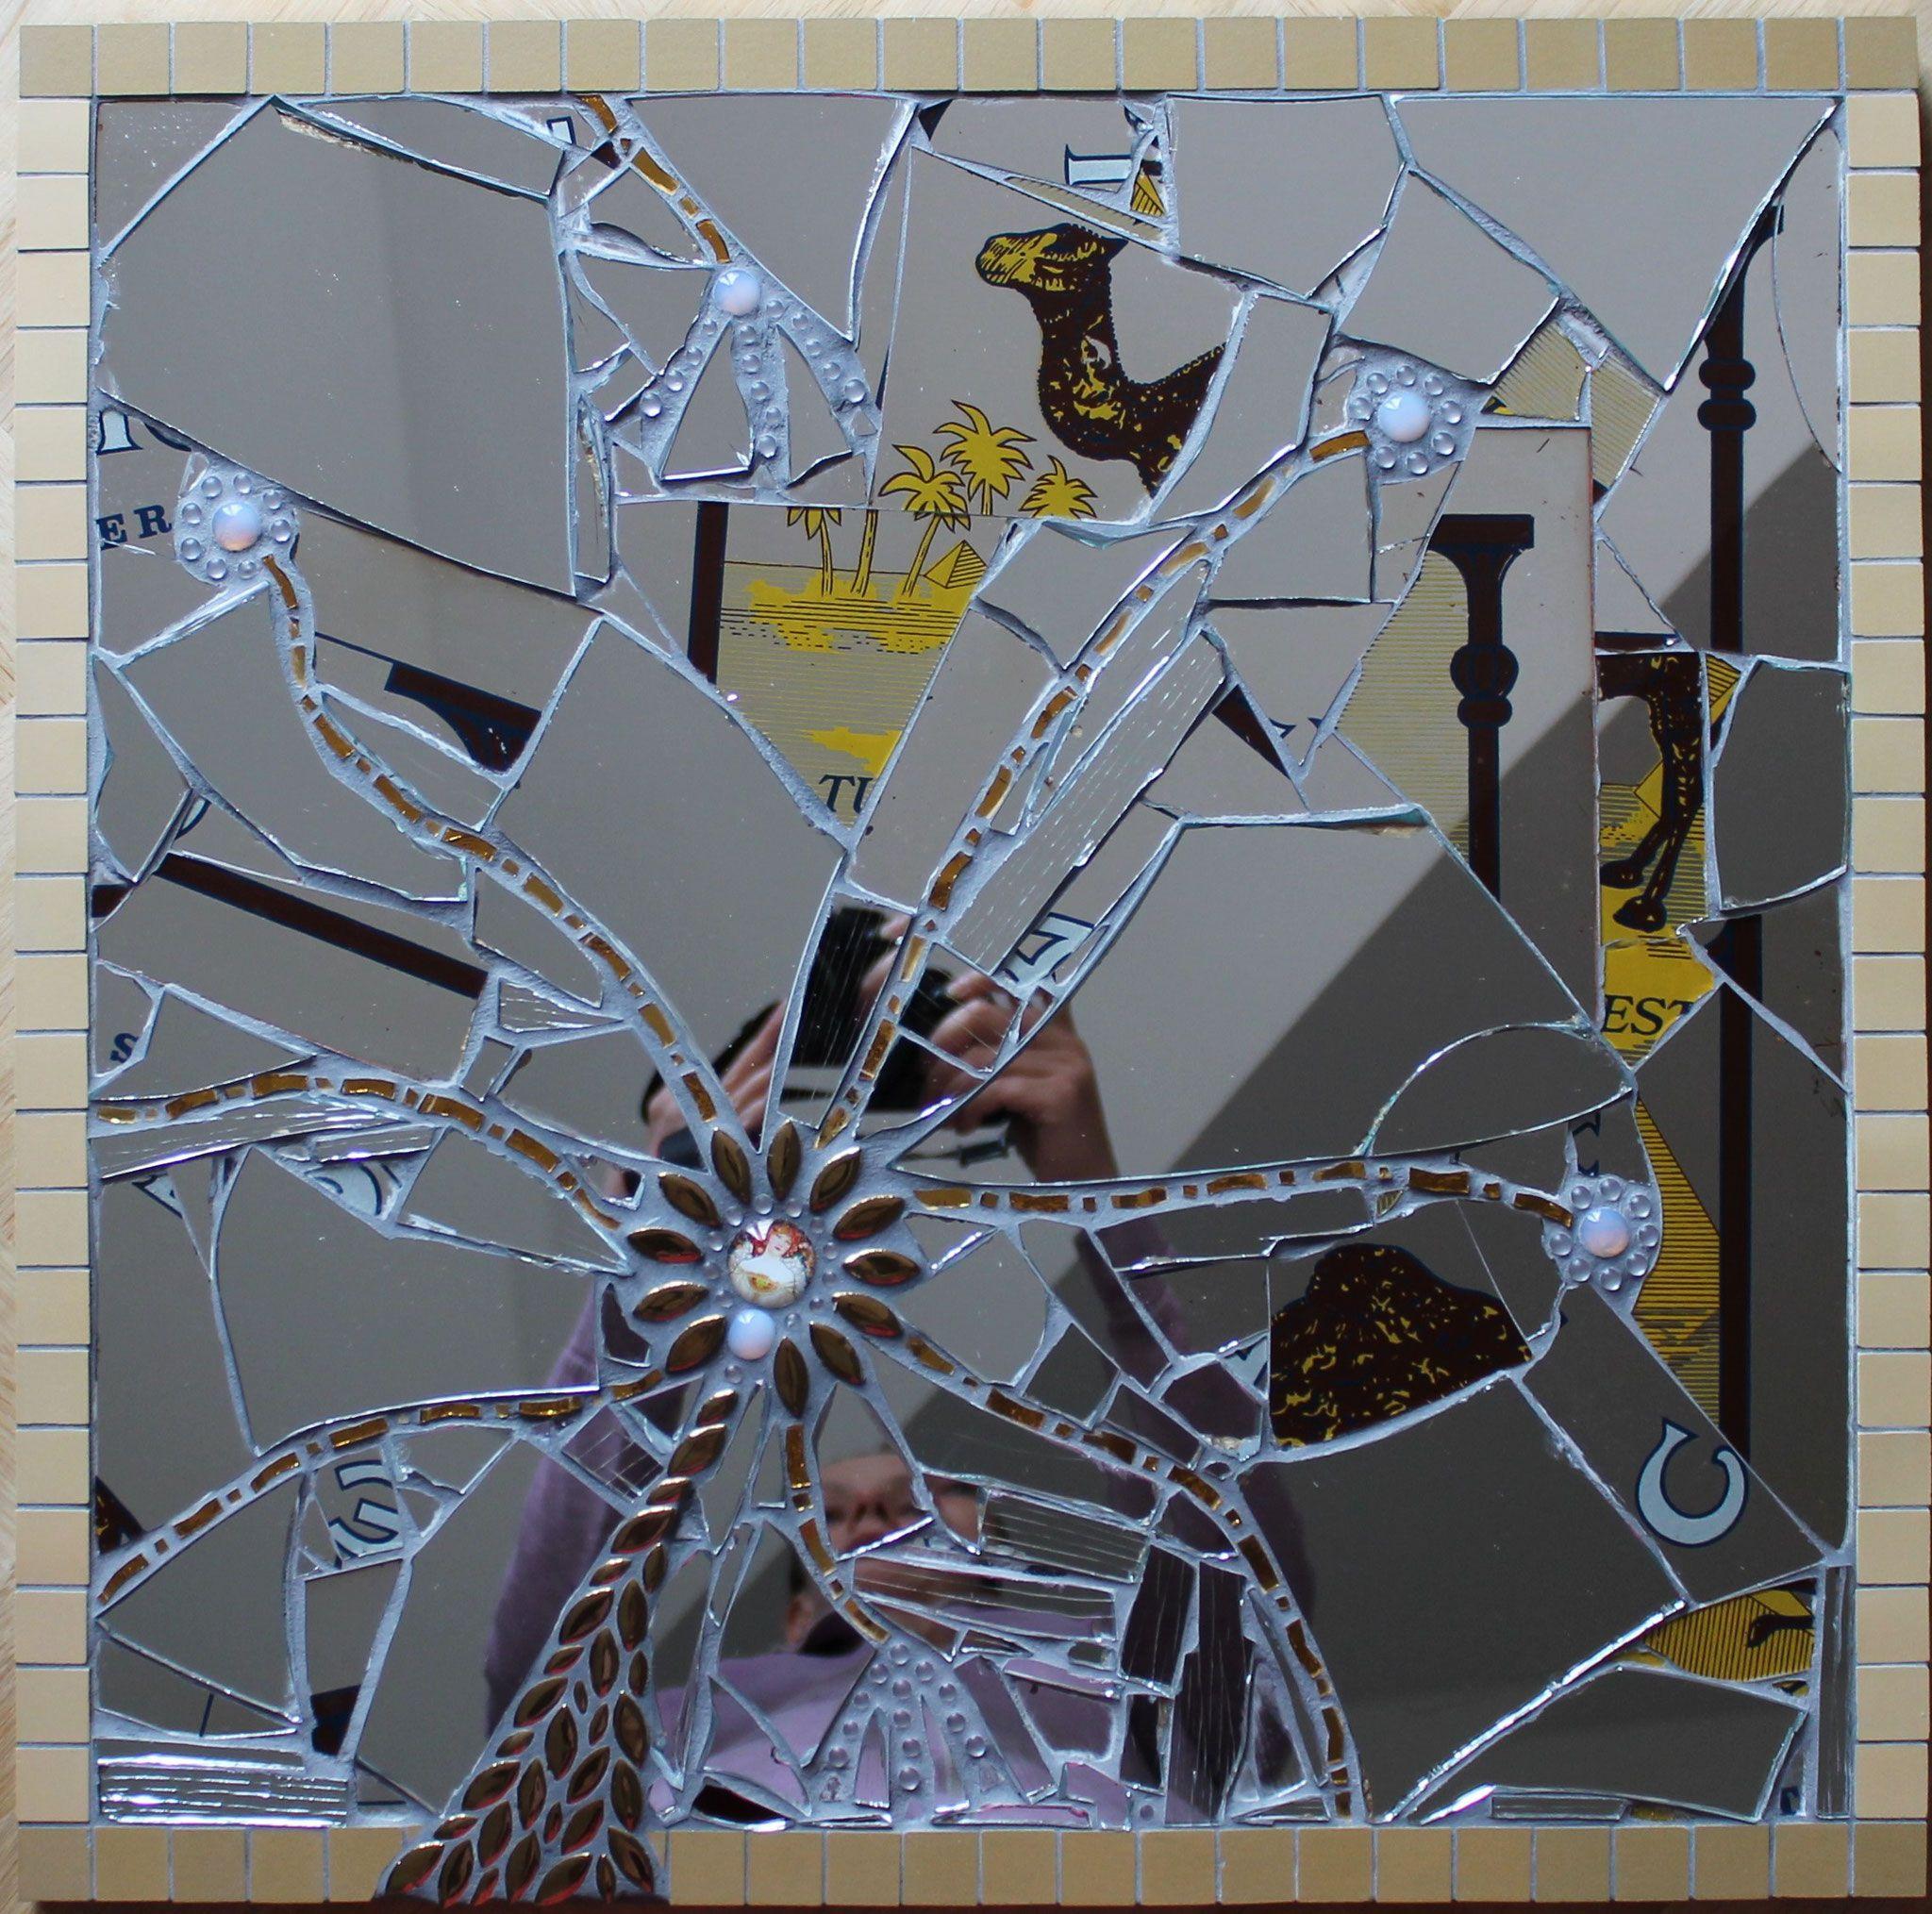 Mosaik Spiegel Selbst Wenn Alles Zerbricht Scherben